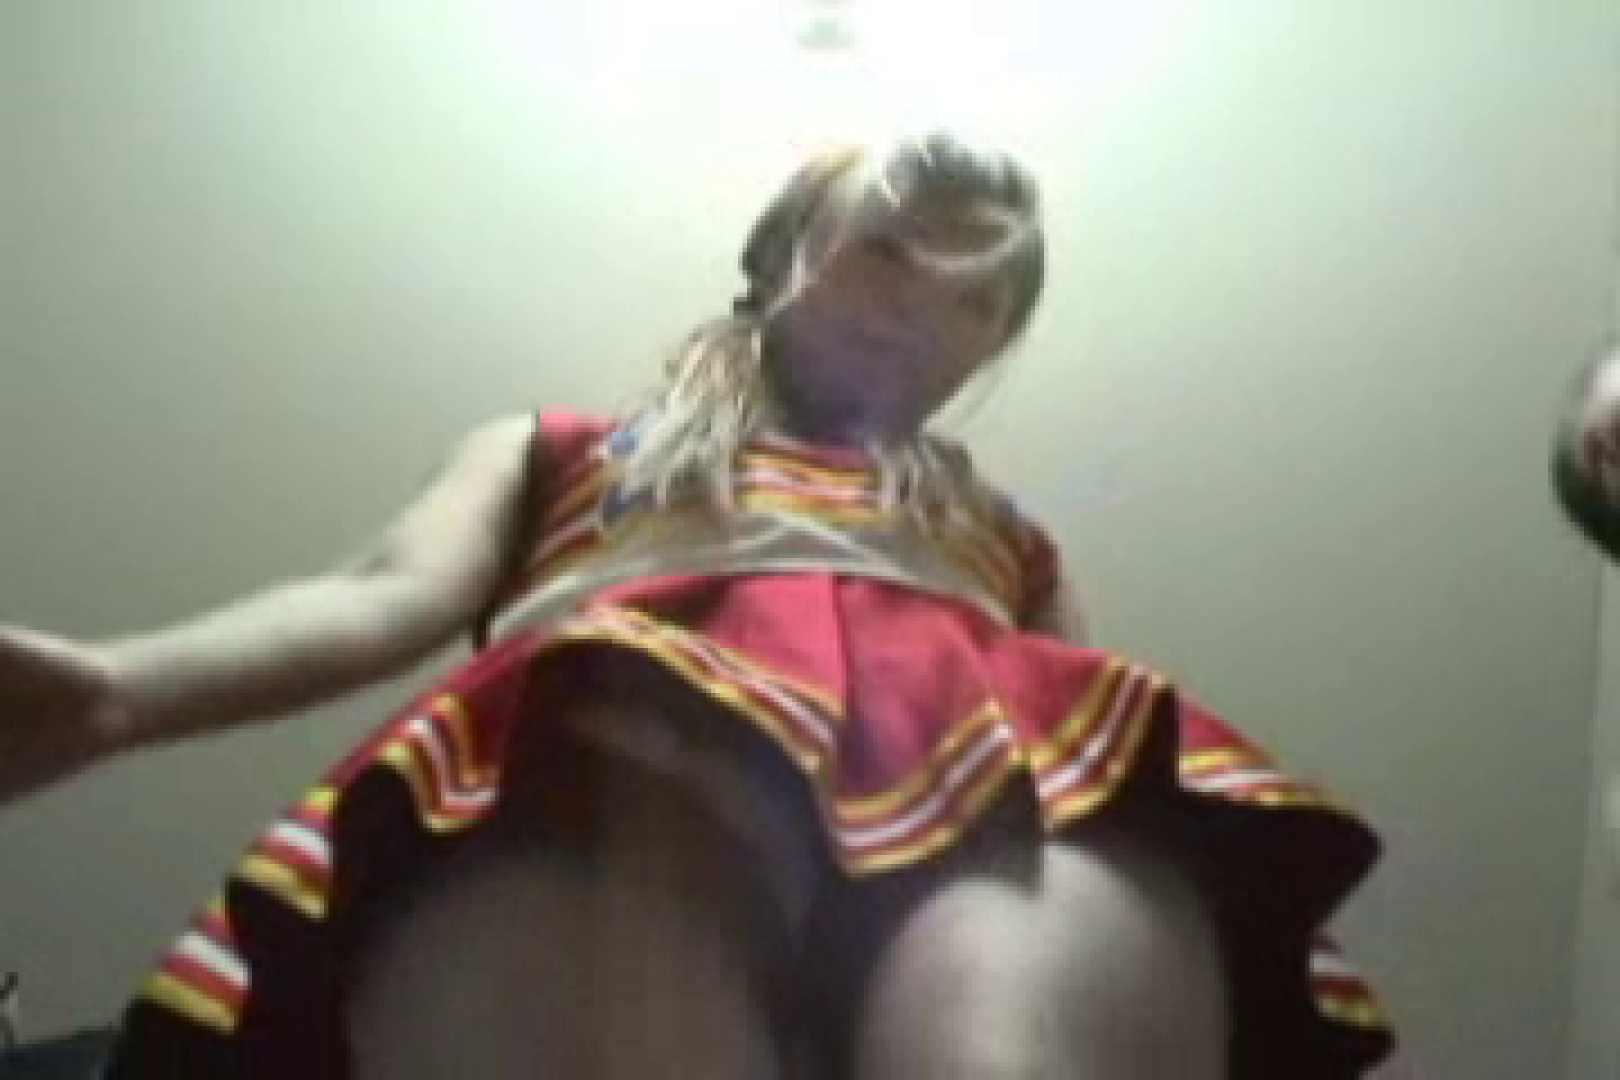 パンツ売りの女の子 ゆづきちゃんvol.2 シックスナイン セックス画像 72pic 50